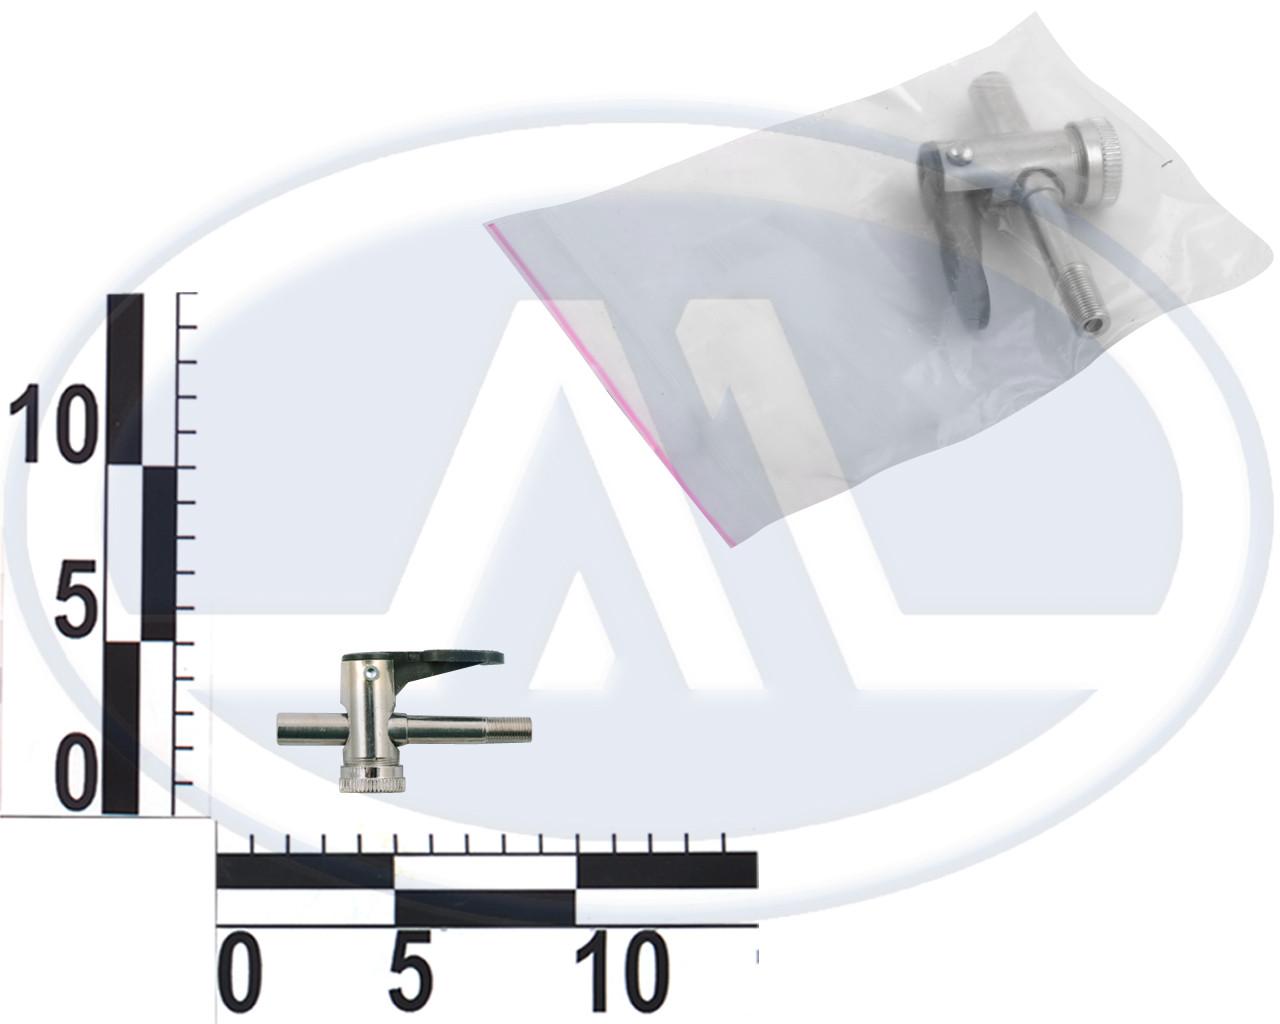 Вакууматор - приспособление для удаления воздуха из камер